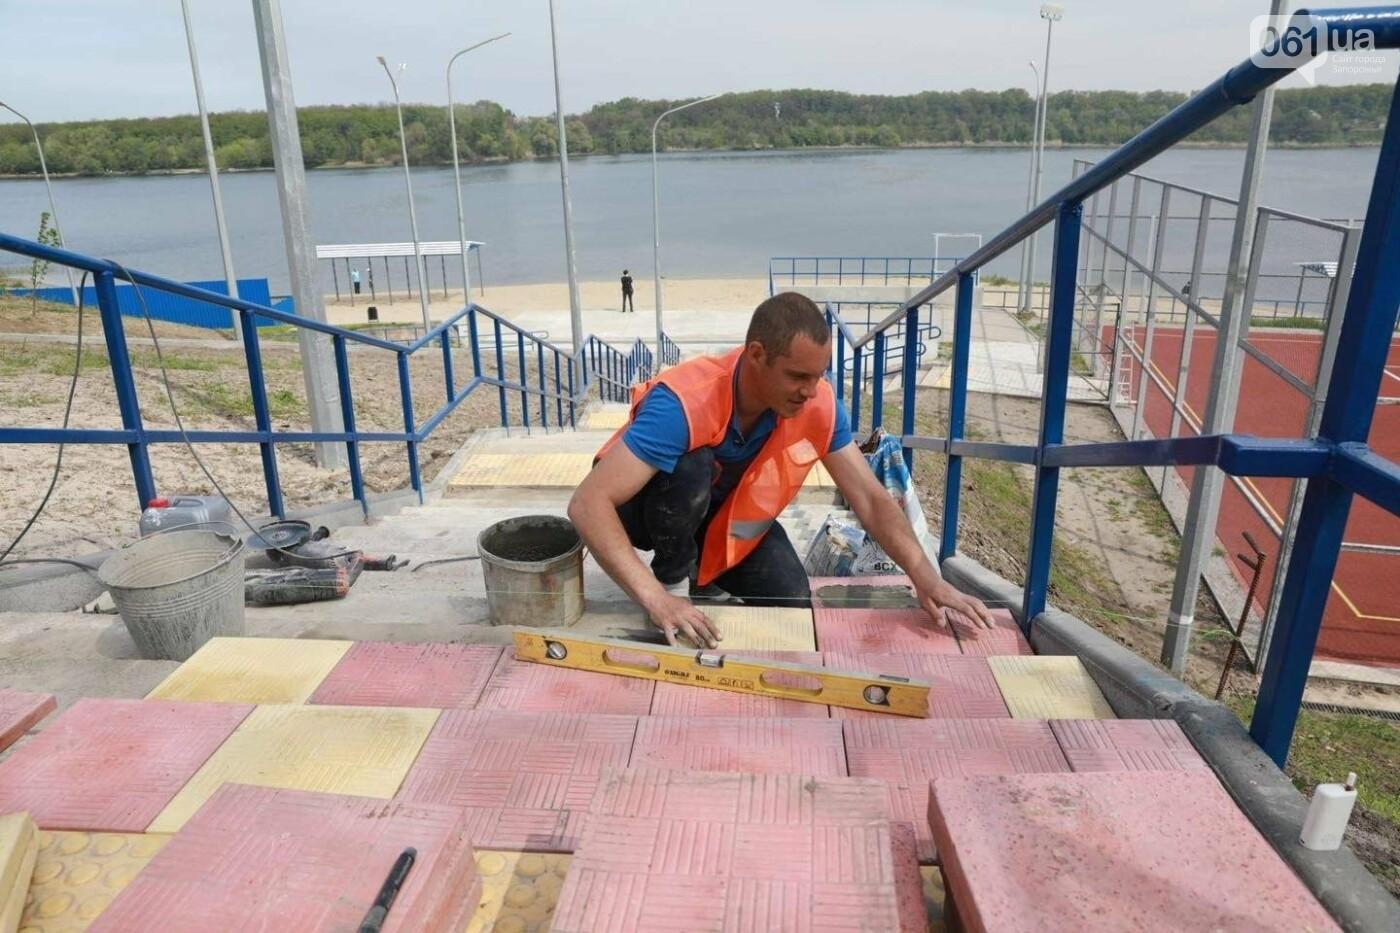 4 года и 25 миллионов гривен: в Запорожье завершается многострадальная реконструкция пляжа на Кичкасе, фото-5